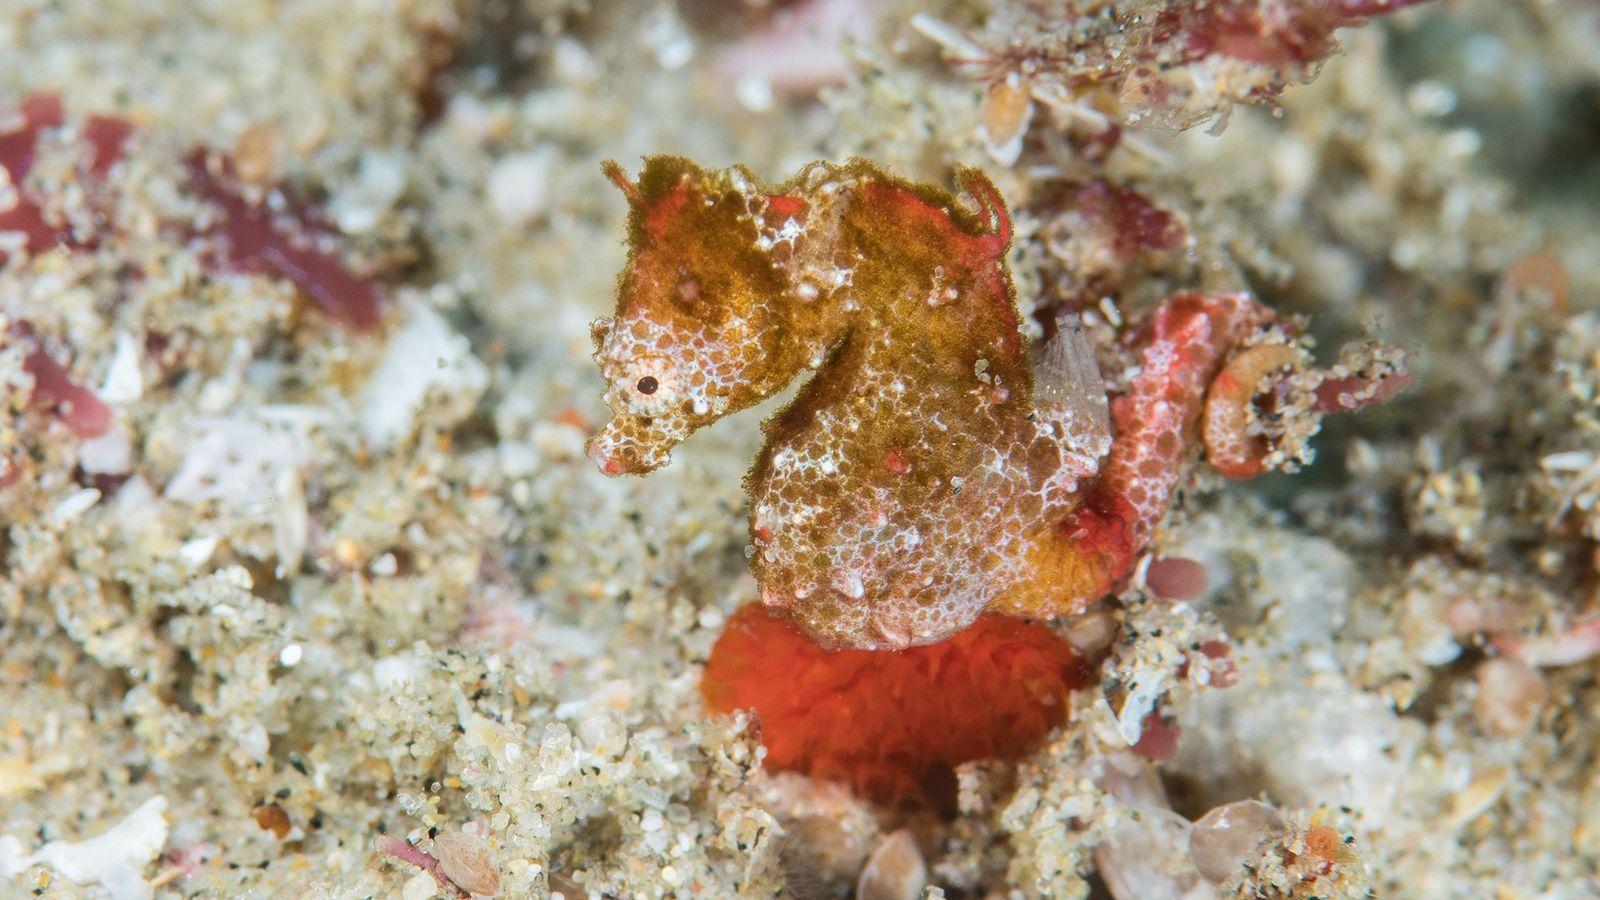 Hippocampus nalu, également connu sous le nom d'hippocampe pygmée africain, a à peu près la taille ...